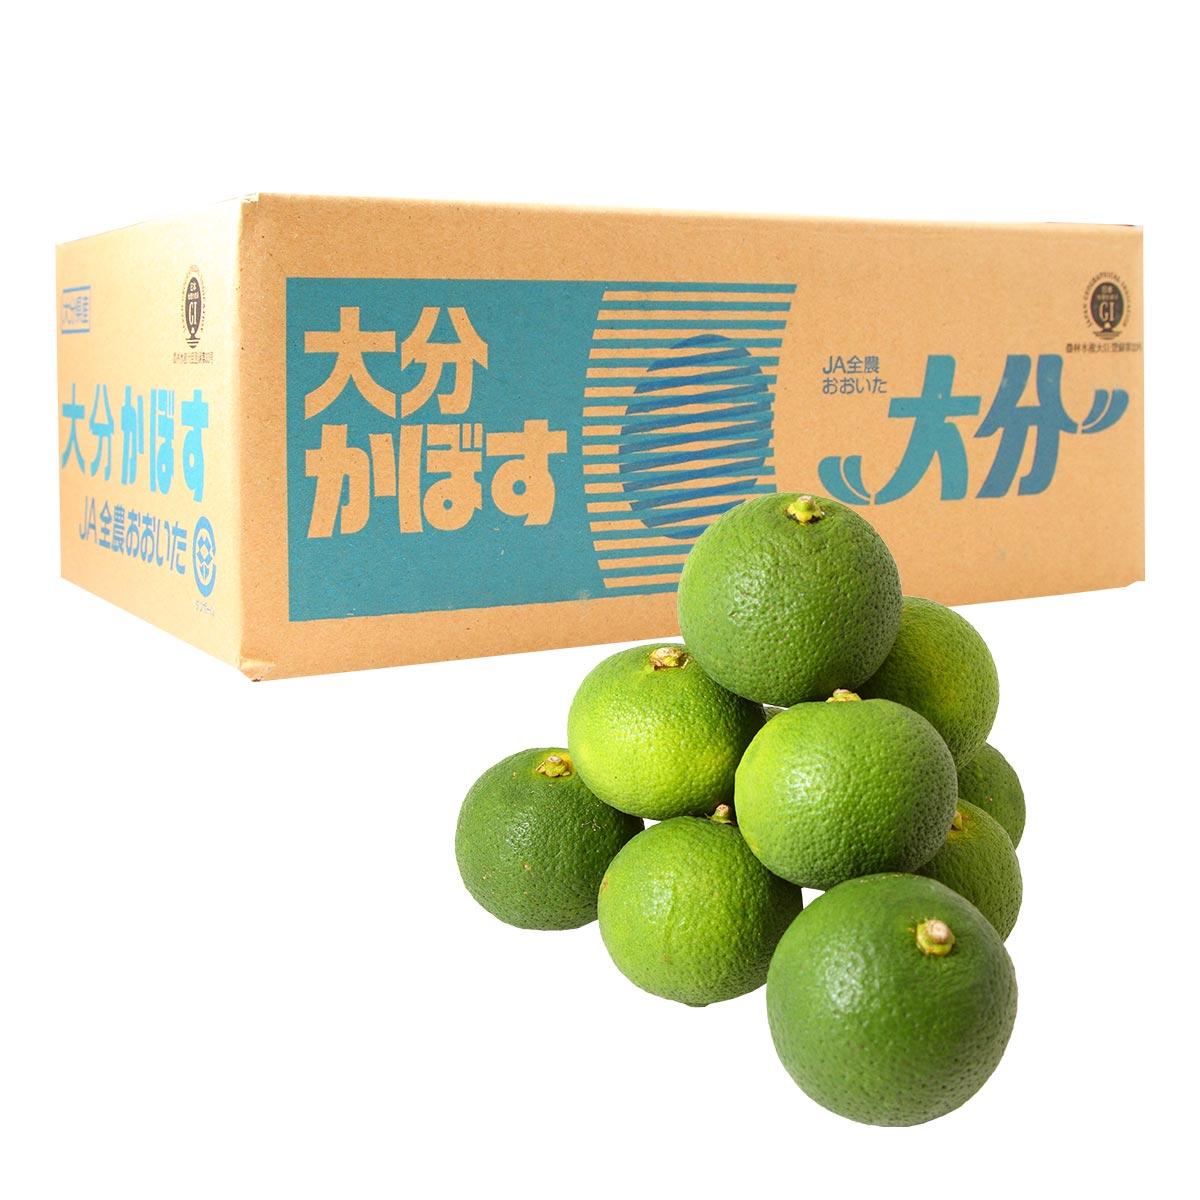 大分竹田産 かぼす青果 2Kg【受注発注】【貯蔵かぼす】【秀品】